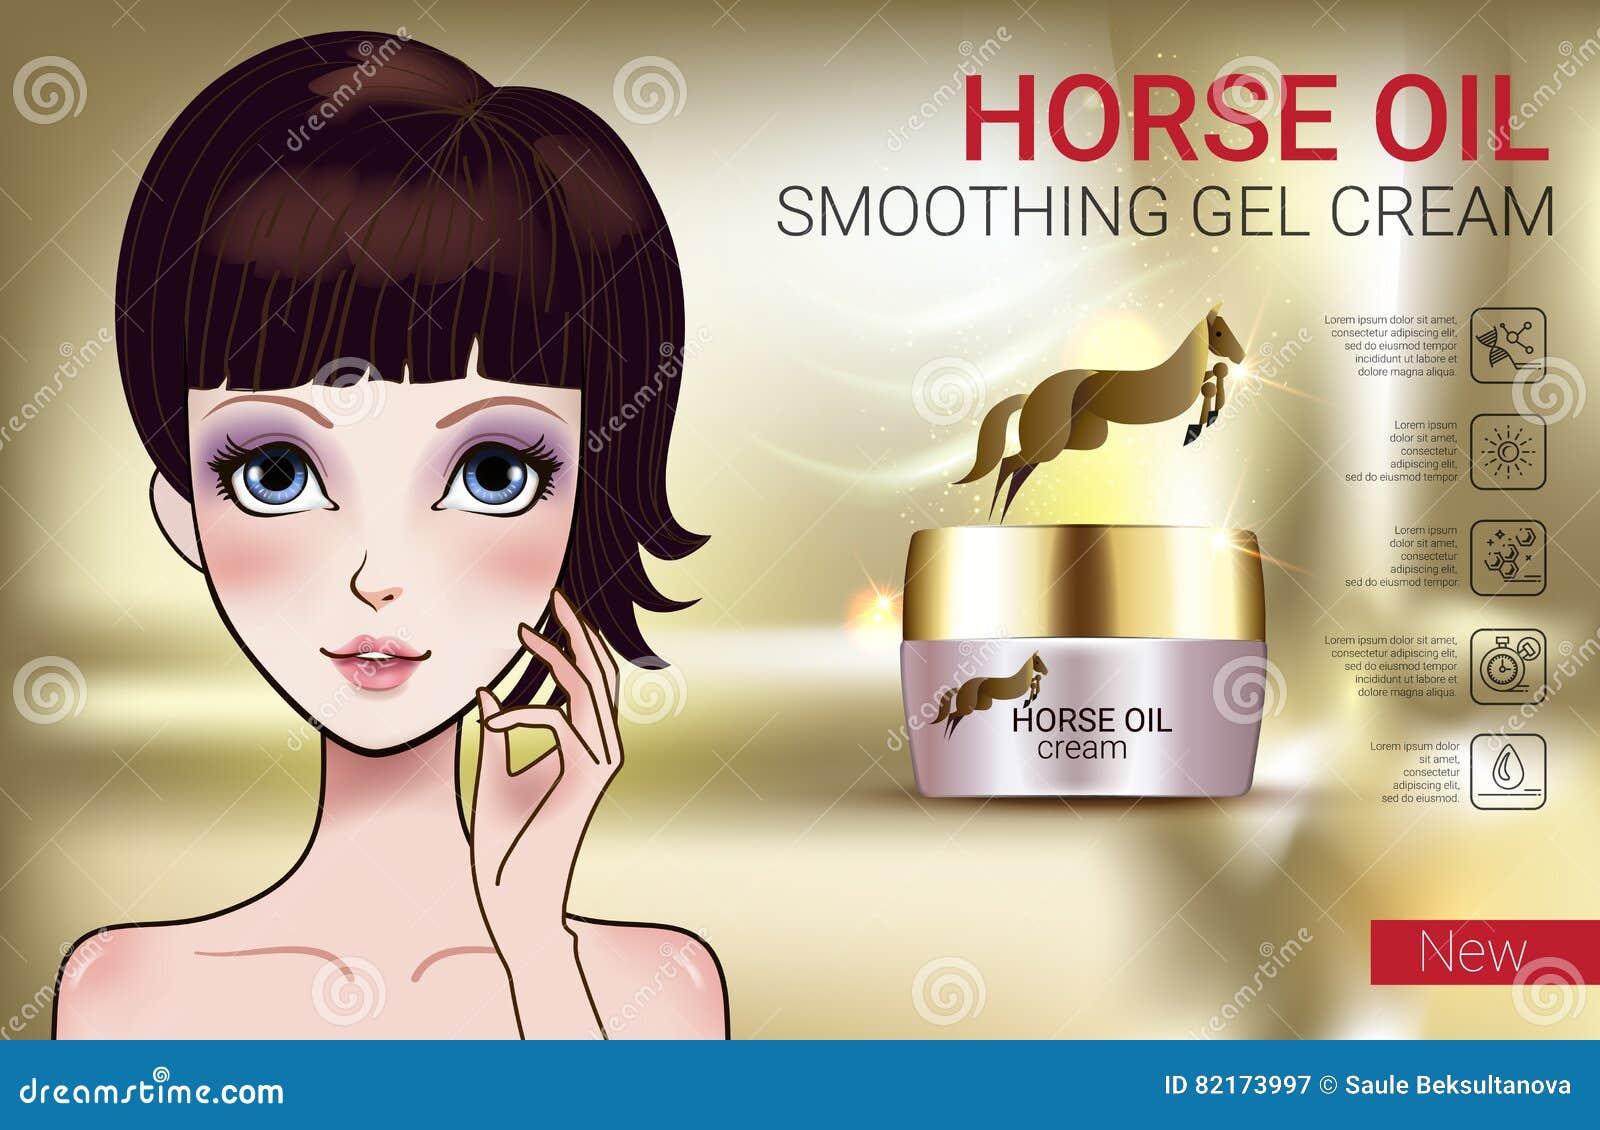 Иллюстрация вектора с девушкой стиля Manga и лошадь смазывают сливк